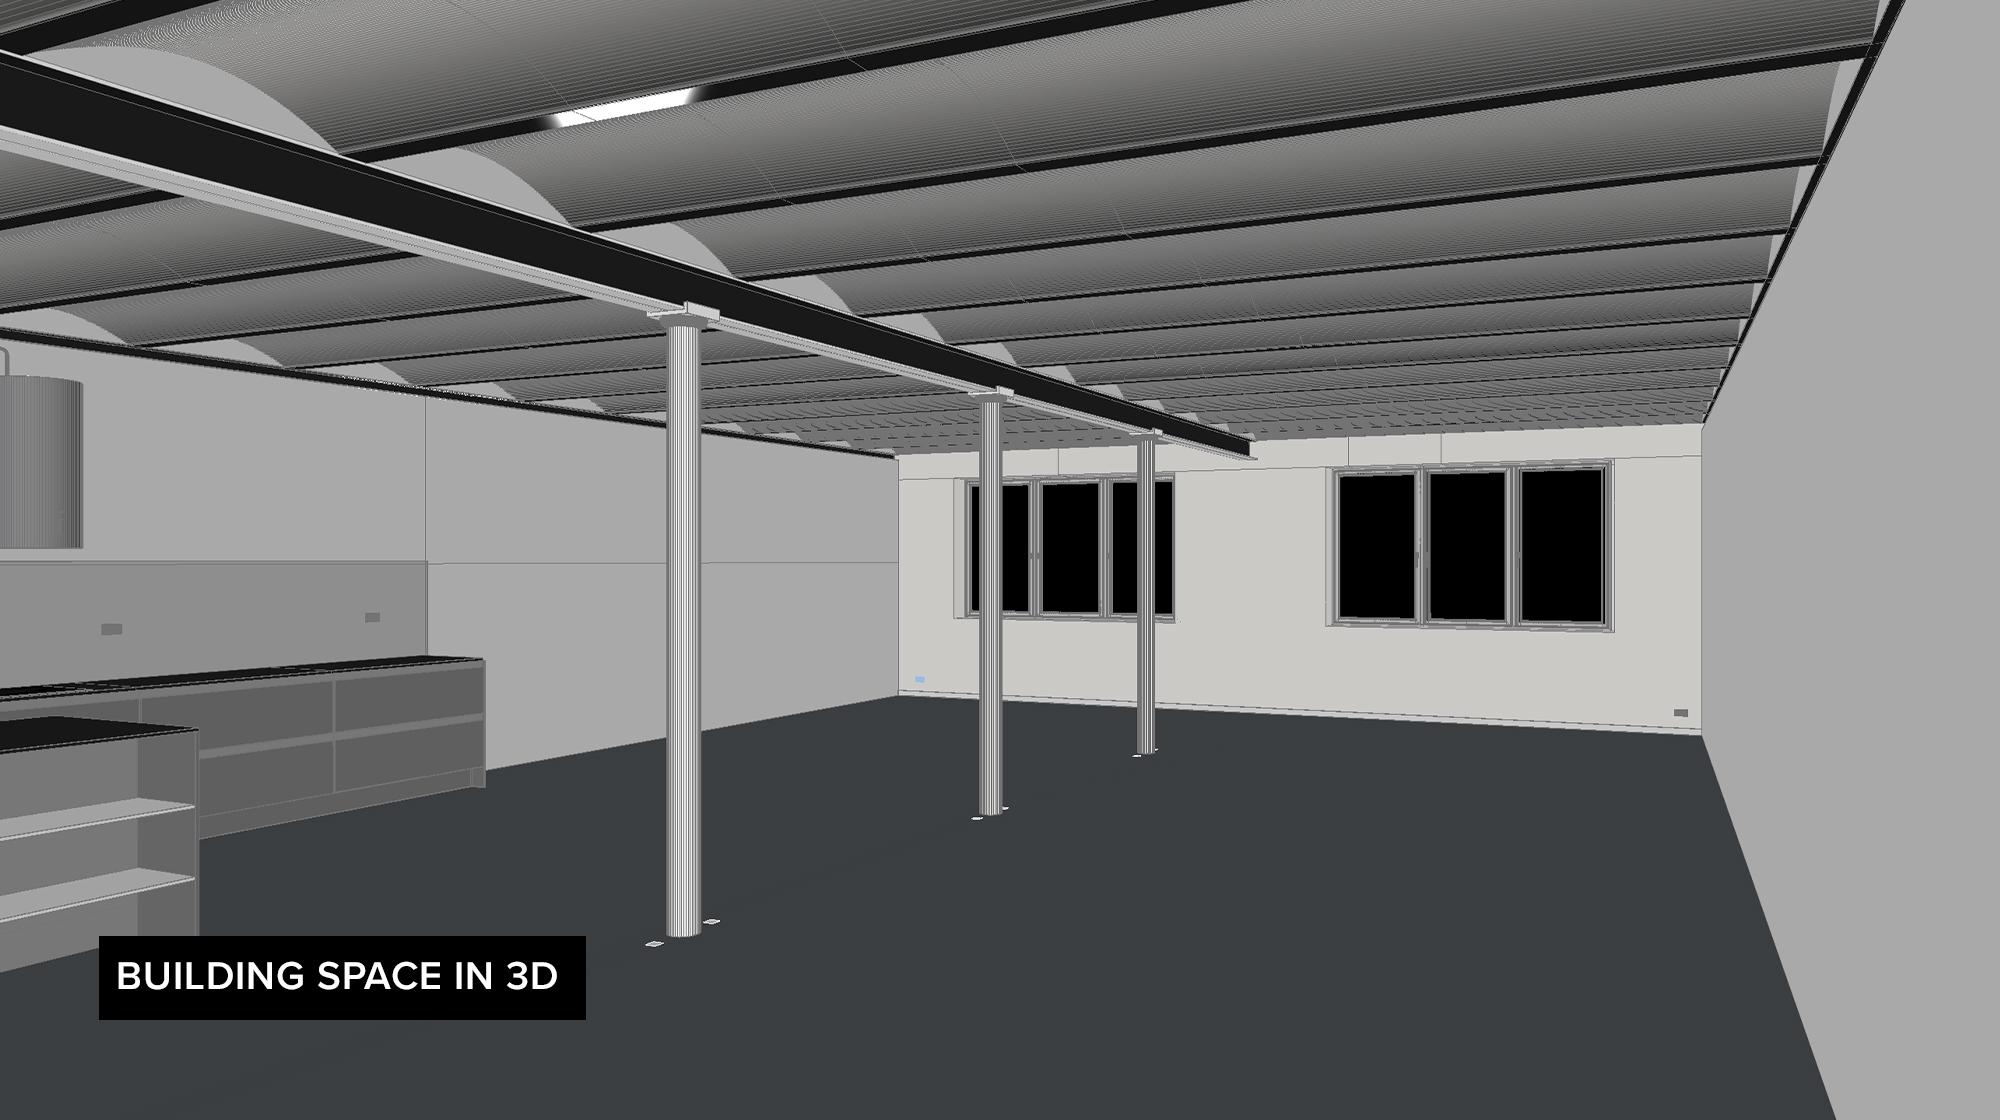 workflow-step-02b-2000x1120